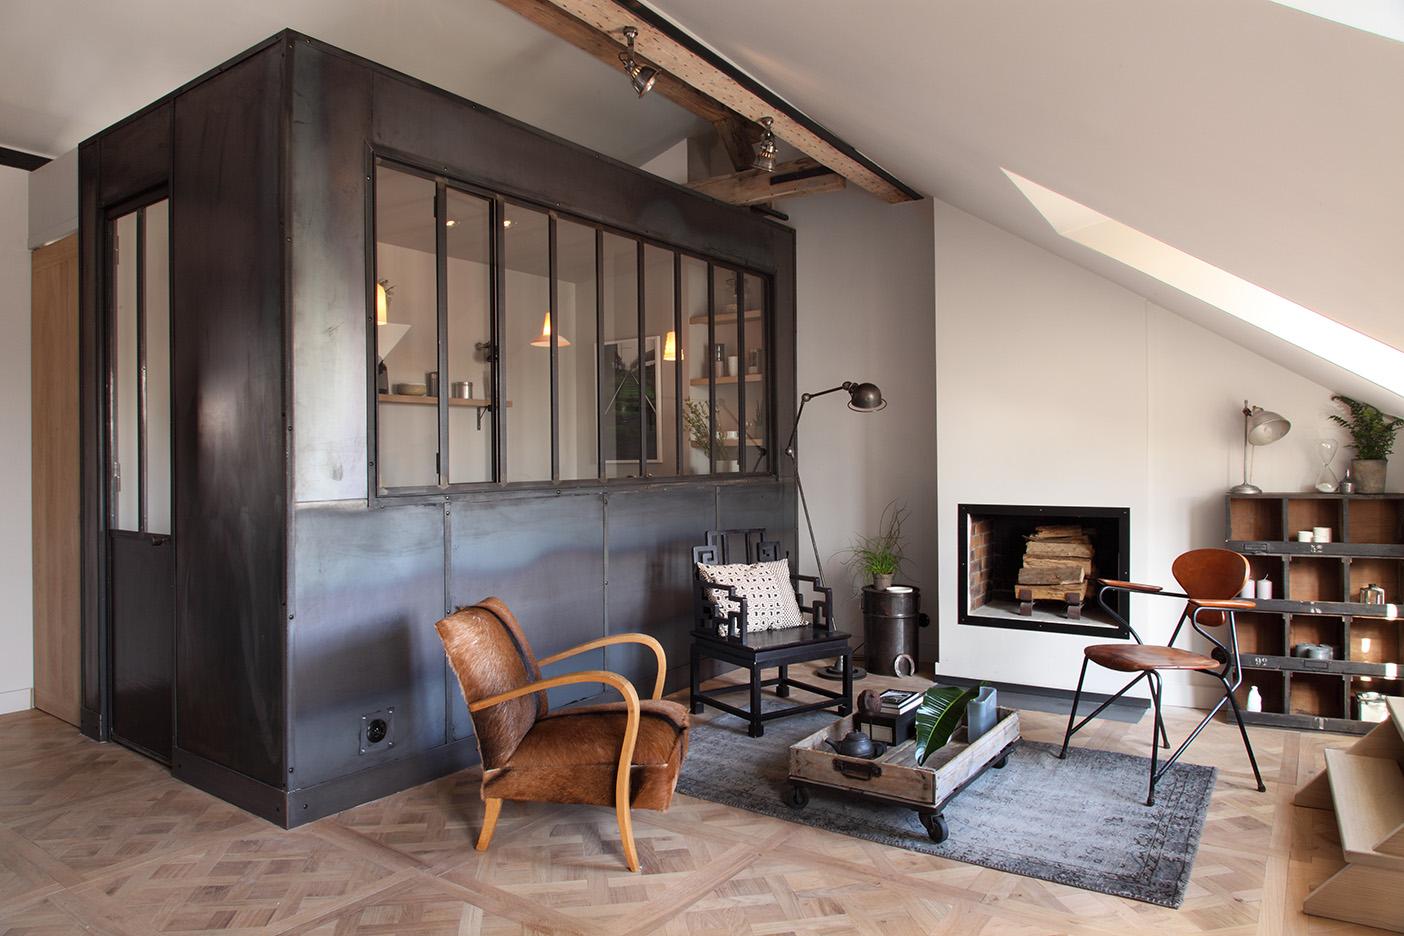 Однокомнатная квартира лофт с мансардой